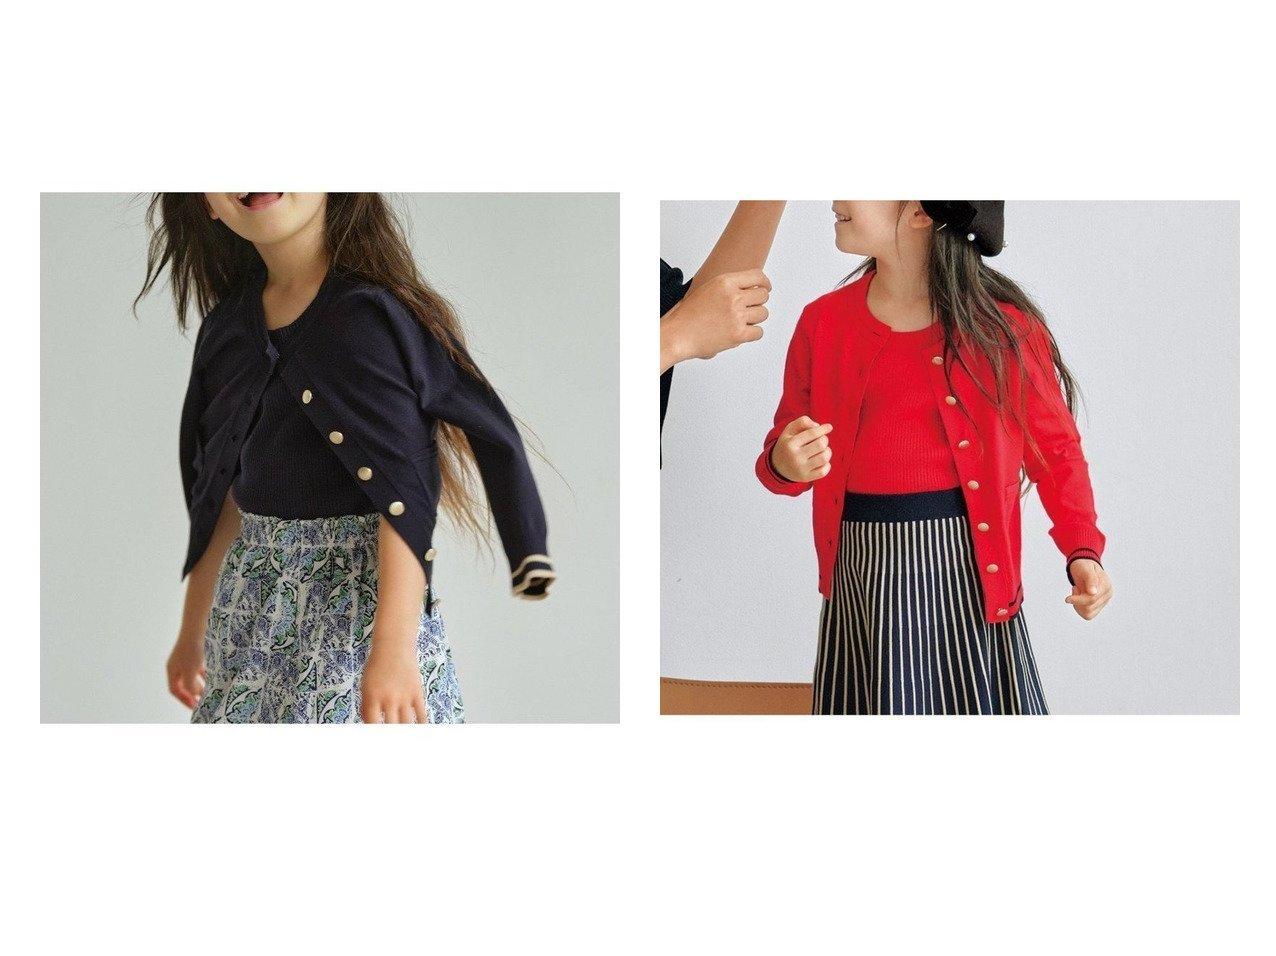 【KUMIKYOKU / KIDS/組曲】の【100-120cm】ヴィスコースストレッチ カーディガン(KJ42) KIDS】子供服のおすすめ!人気トレンド・キッズファッションの通販 おすすめで人気の流行・トレンド、ファッションの通販商品 メンズファッション・キッズファッション・インテリア・家具・レディースファッション・服の通販 founy(ファニー) https://founy.com/ ファッション Fashion キッズファッション KIDS アンサンブル インナー 秋 Autumn/Fall カーディガン クラシカル コンパクト ストレッチ セットアップ パーカー ベーシック 2020年 2020 2020-2021 秋冬 A/W AW Autumn/Winter / FW Fall-Winter 2020-2021 |ID:crp329100000018370